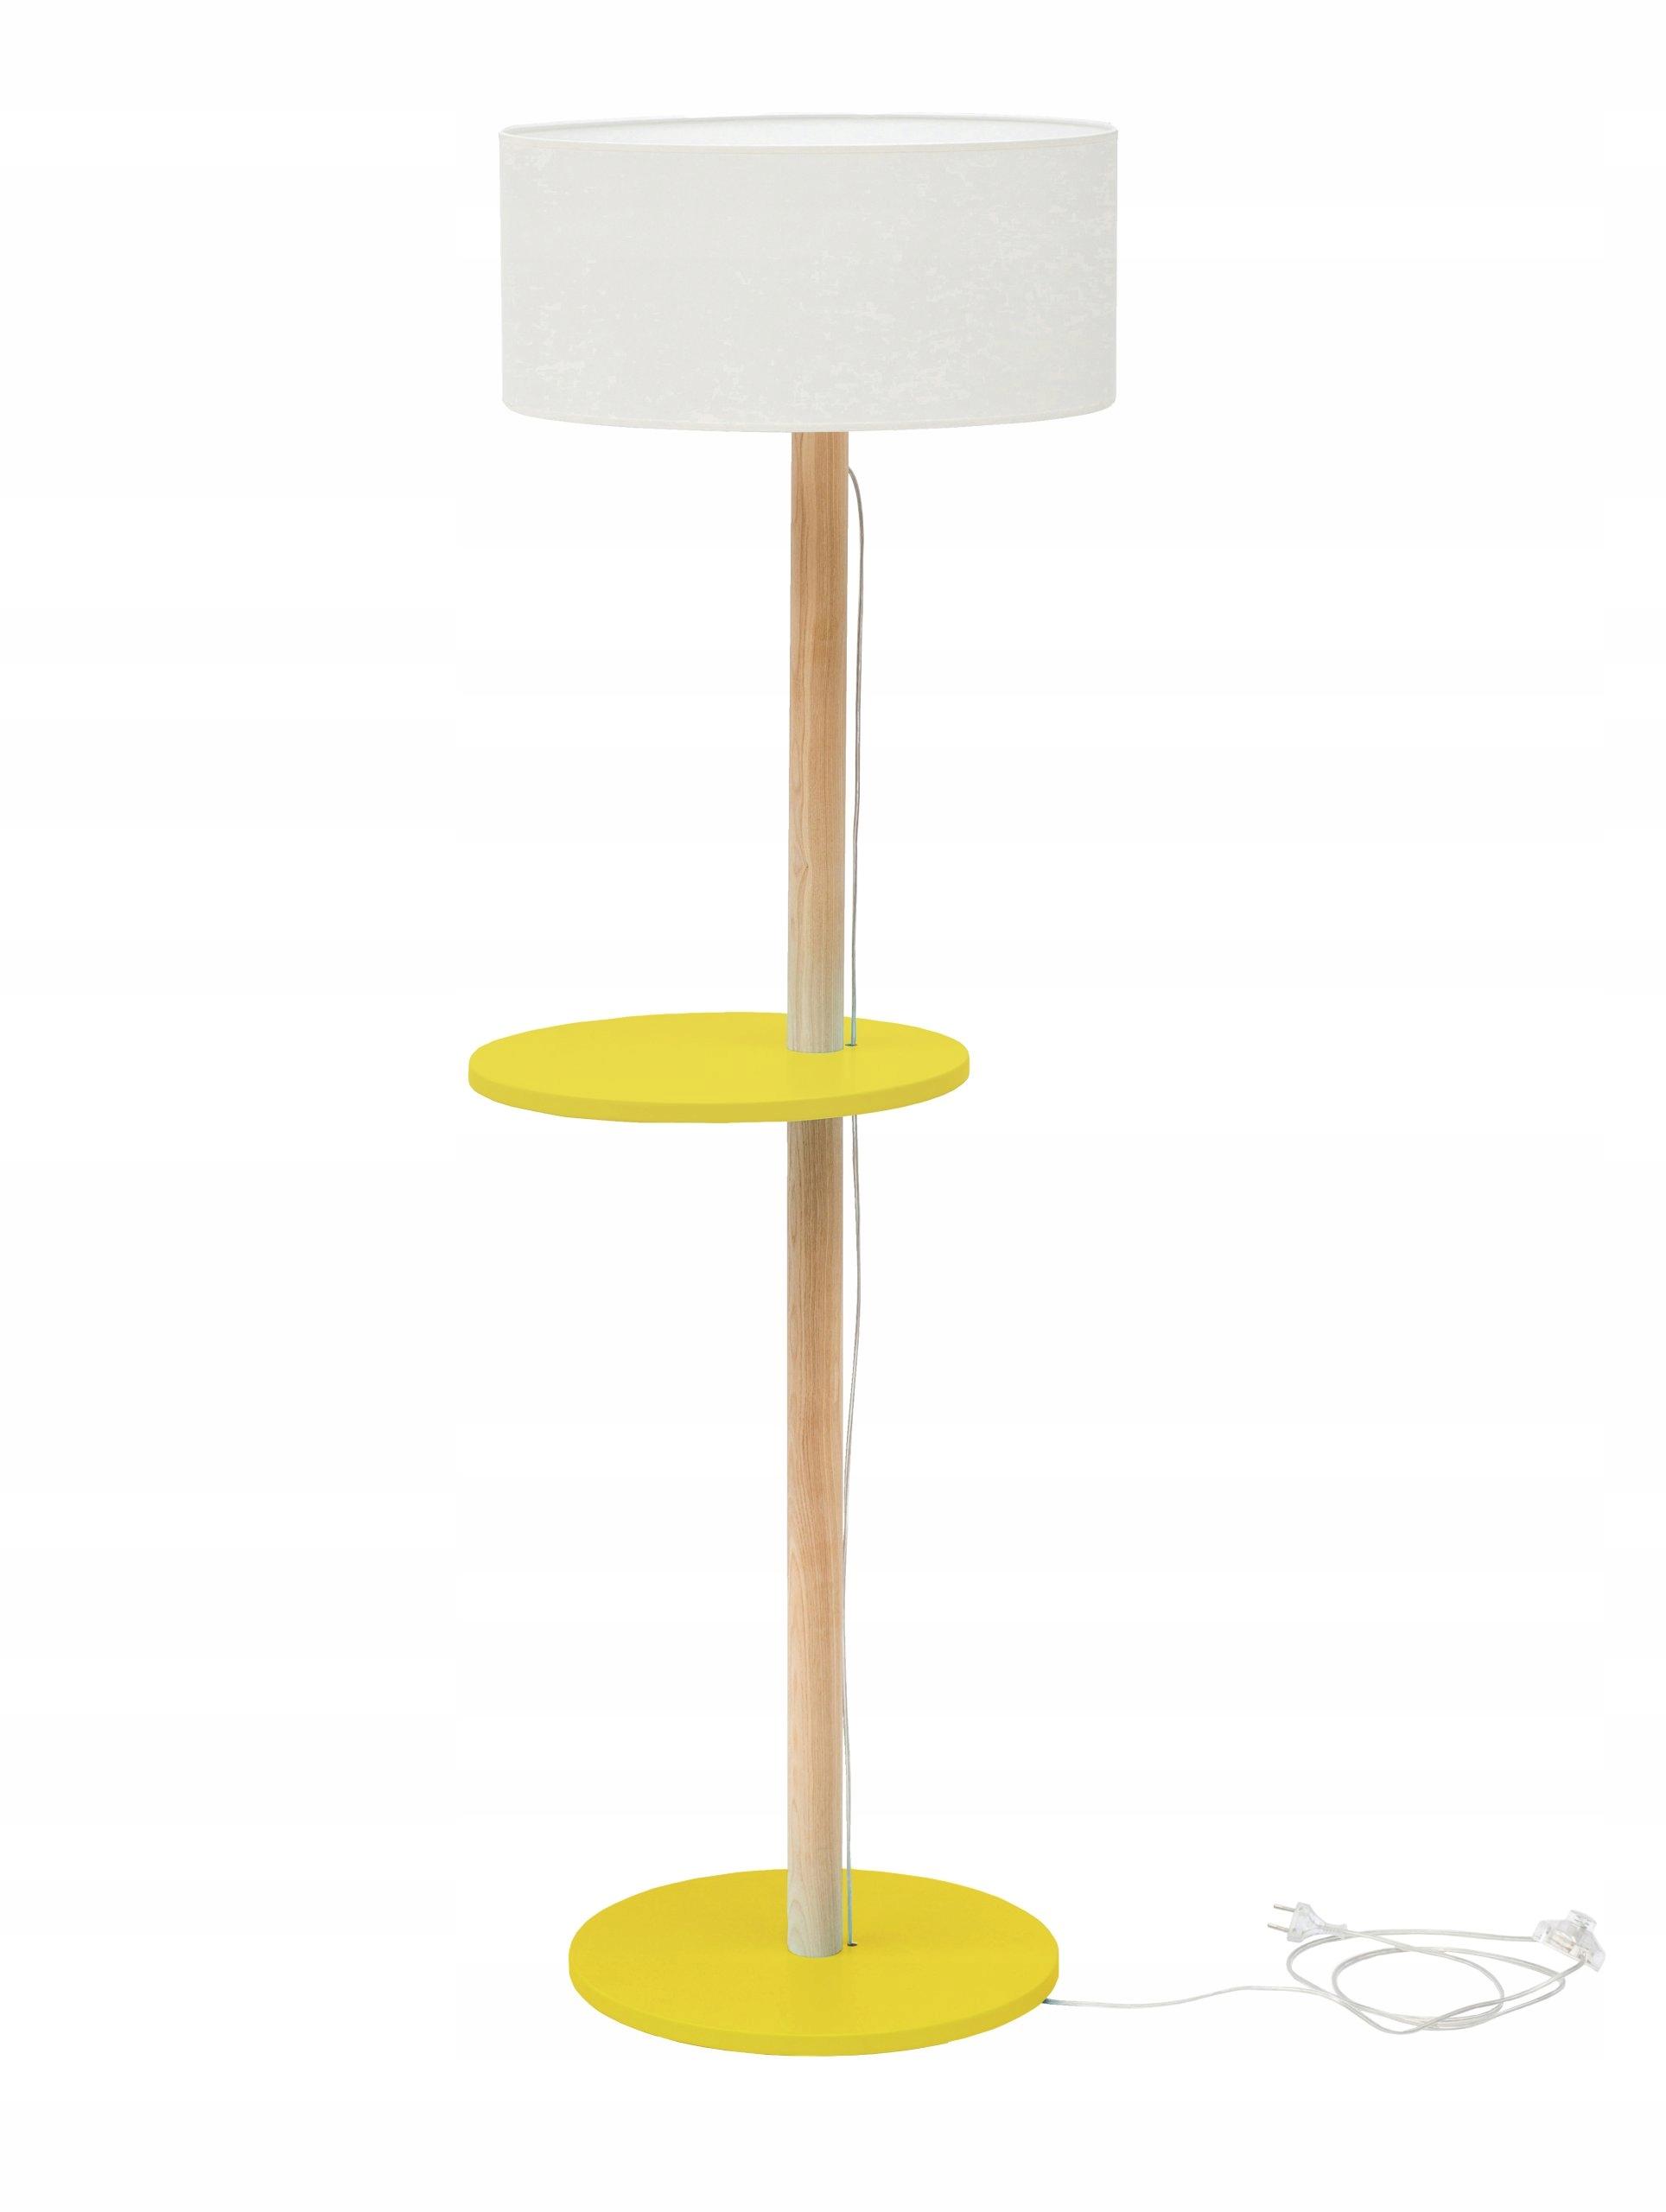 Prl Lampa Stojąca żółta Półka Podłogowa 6985748493 Oficjalne